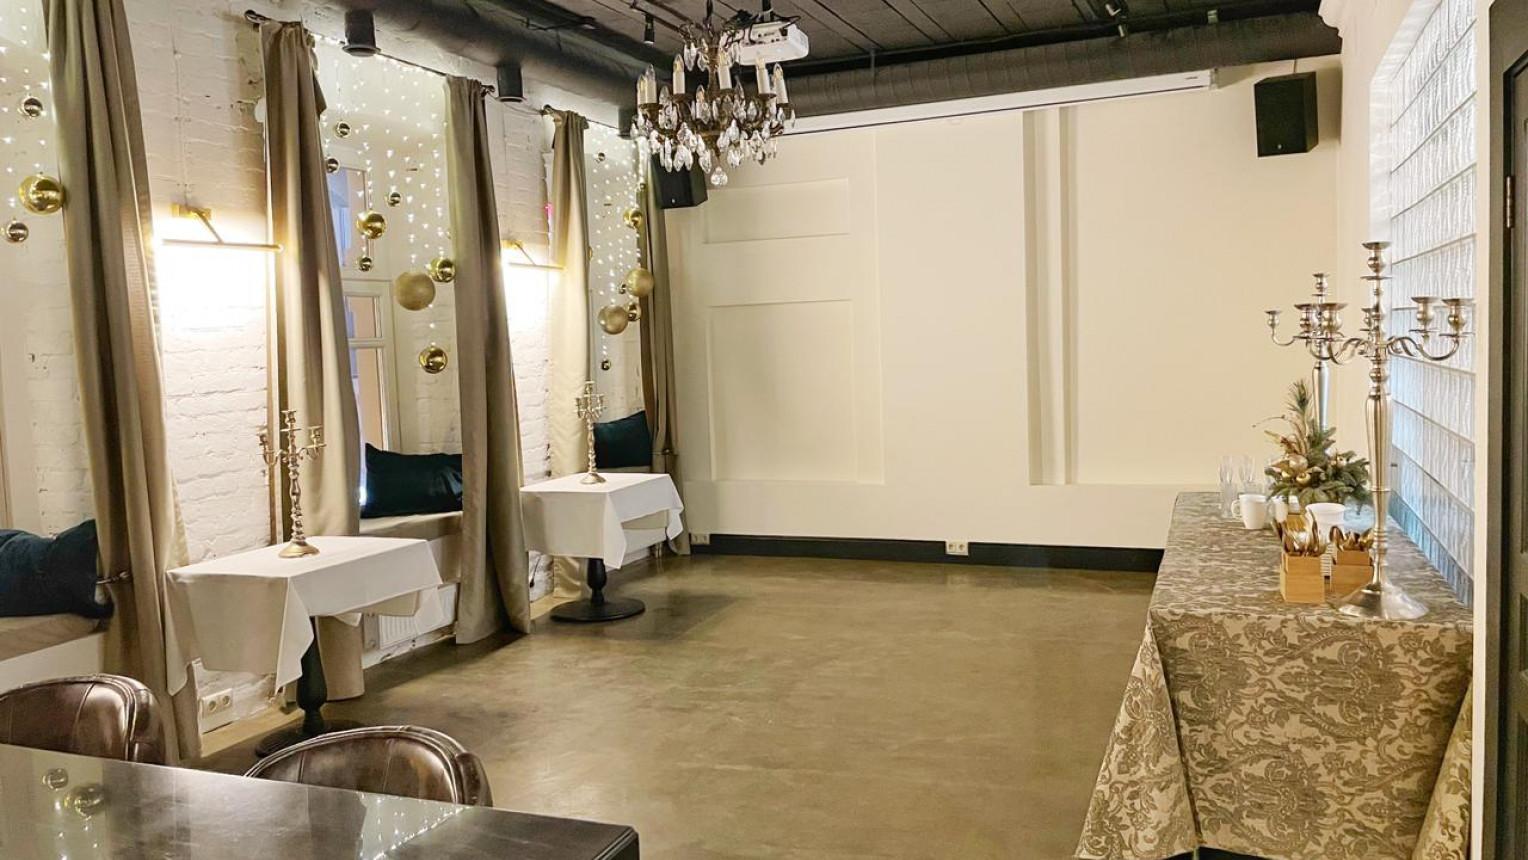 Зал для бизнес мероприятий - фото №4